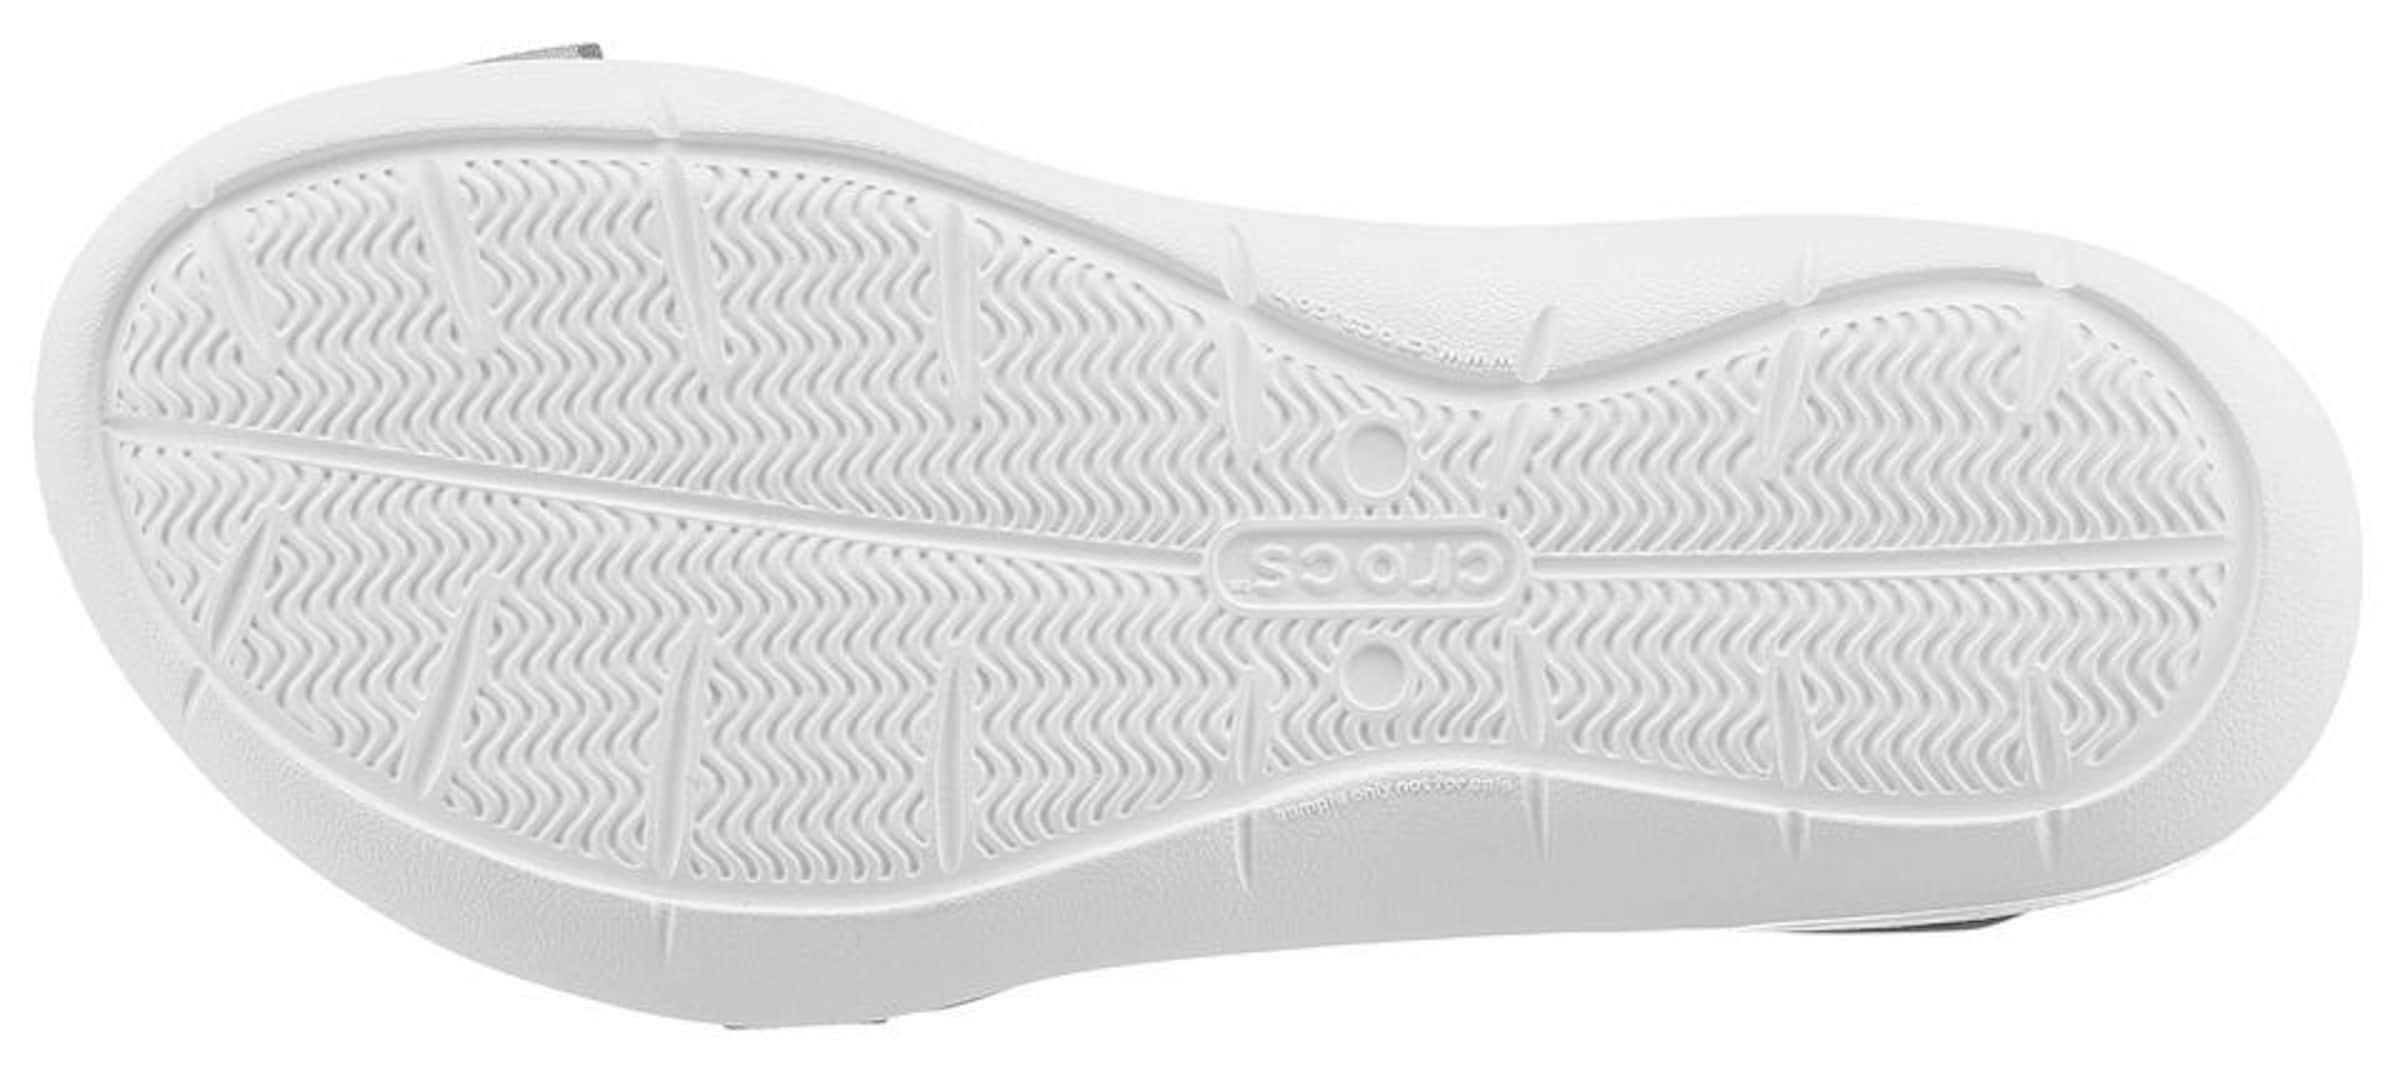 Crocs Sandale 'Swiftwater Webbing Sandal' Billig Beste Preise Authentisch Zu Verkaufen Ombj8lpVh2